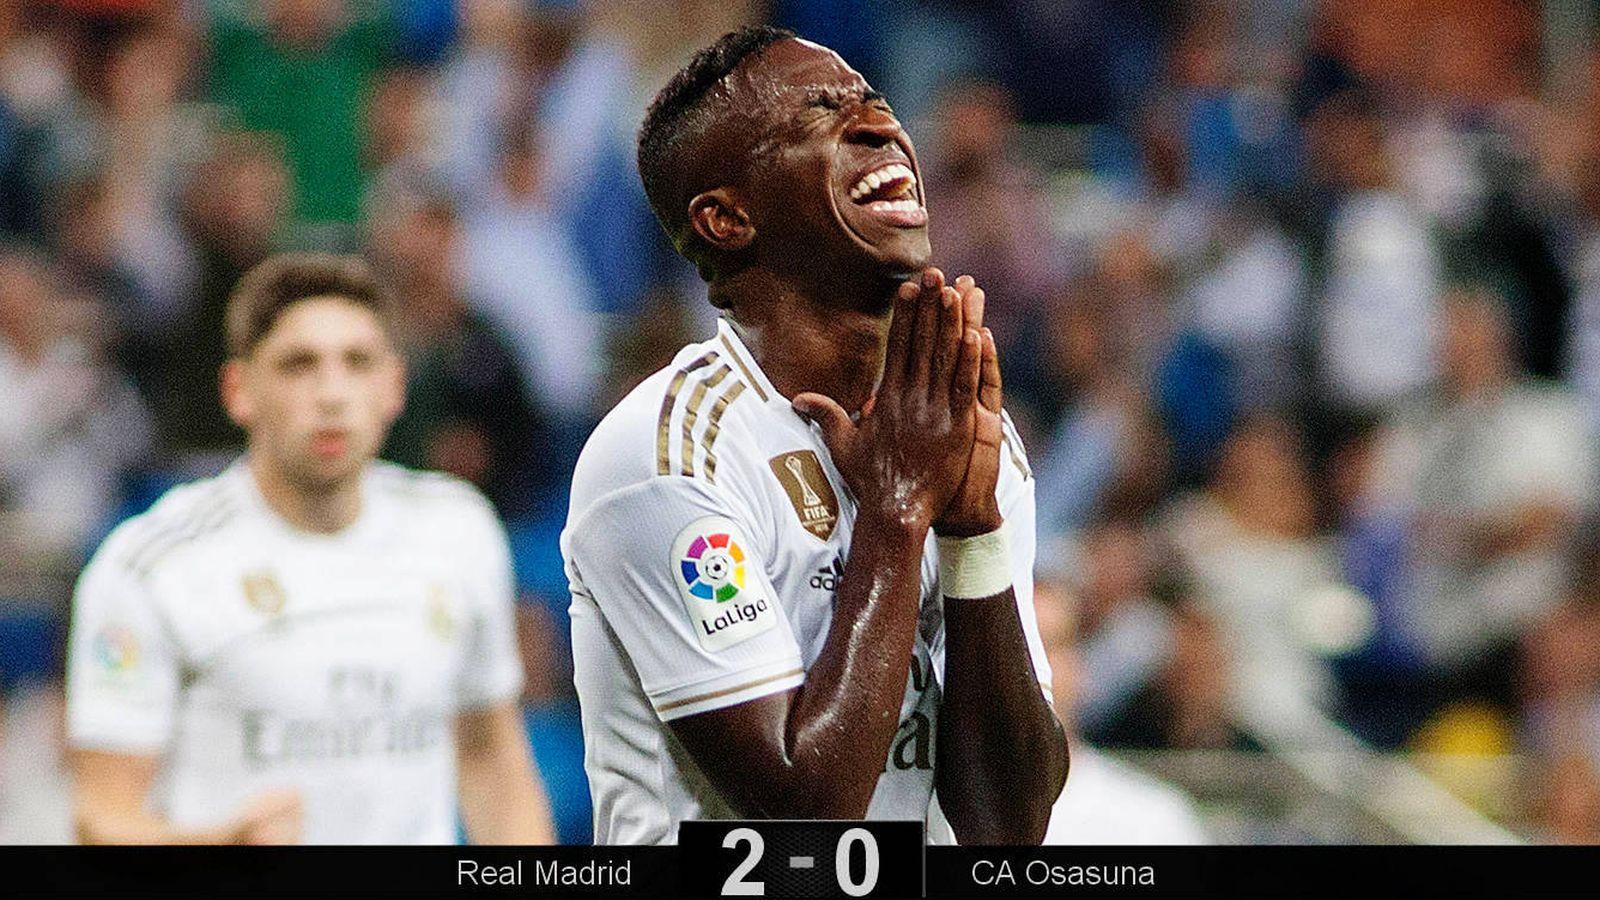 Foto: Las lágrimas de Vinícius tras marcar el primer gol del Real Madrid-Osasuna. (Miguel J. Berrocal)